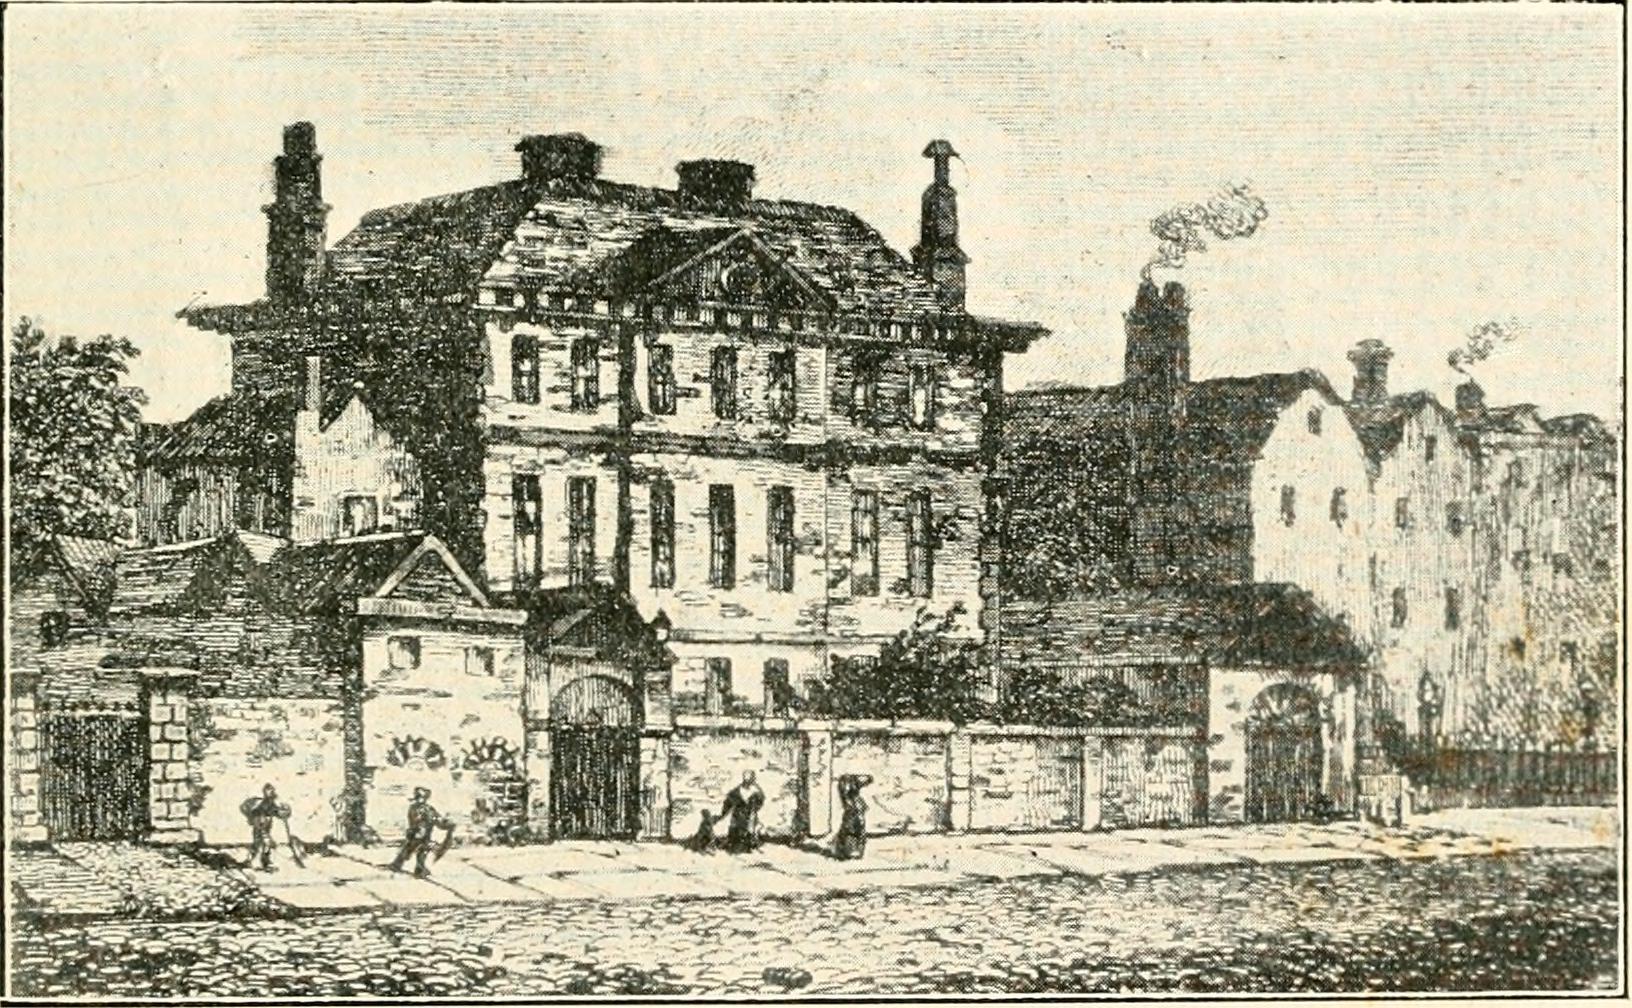 Sites of 1916: Mendicity Institution